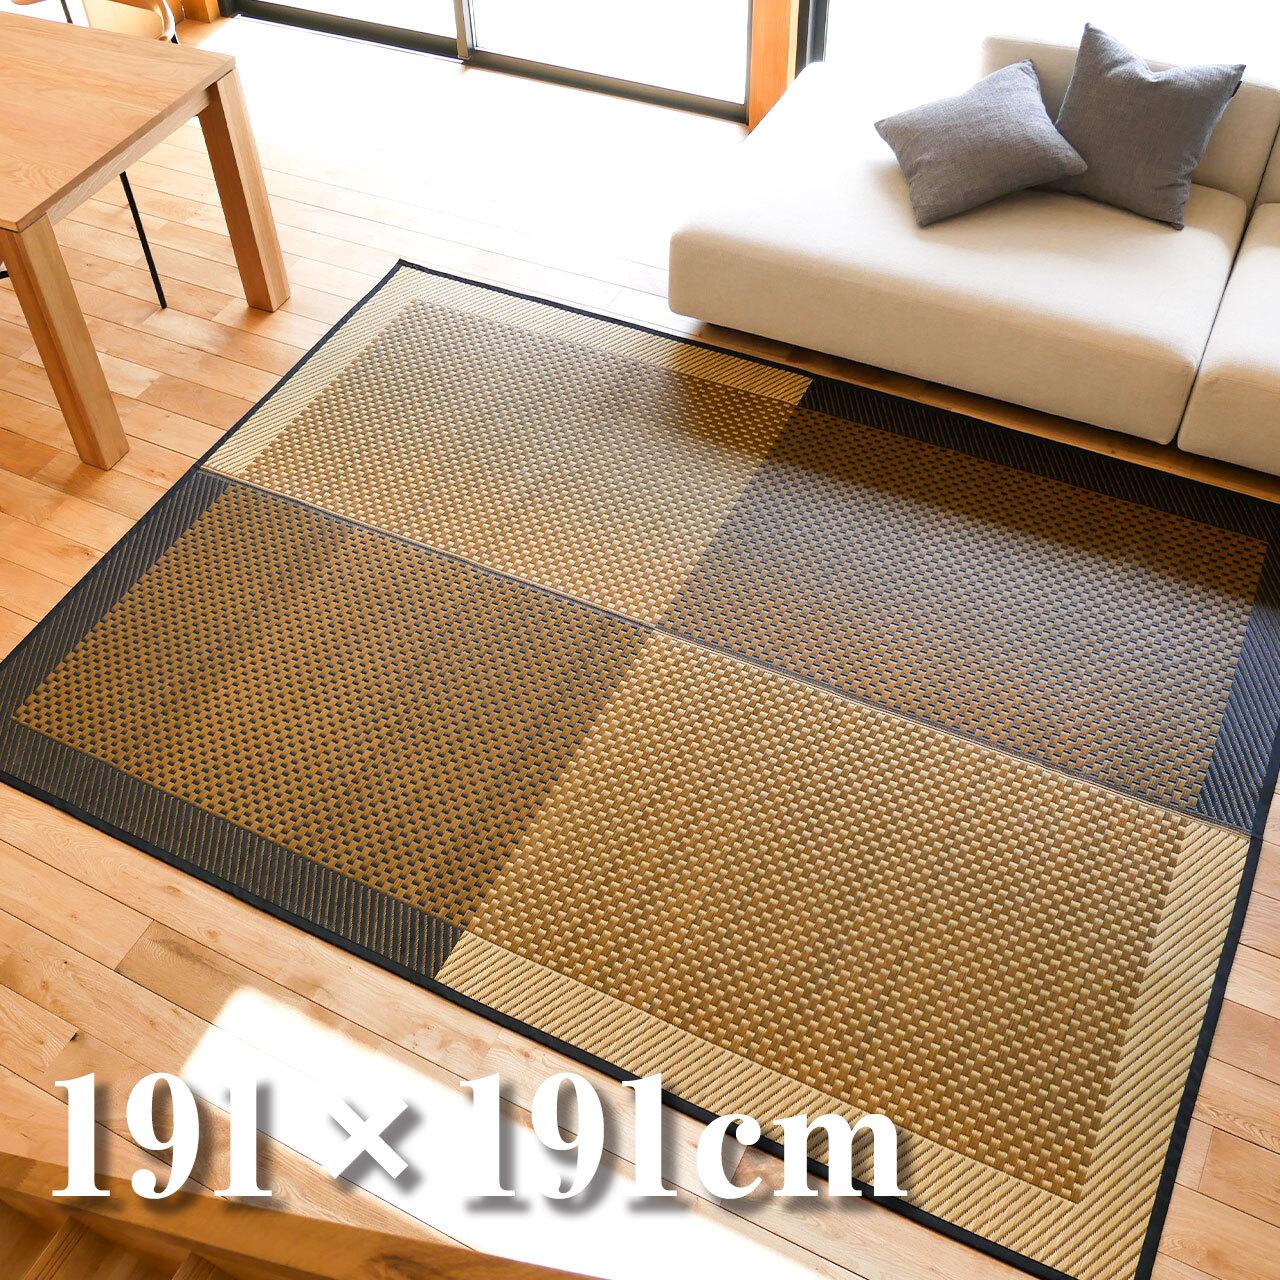 【花茣蓙ラグ】スタイル 191×191cm / [Hanagoza-rug] Style